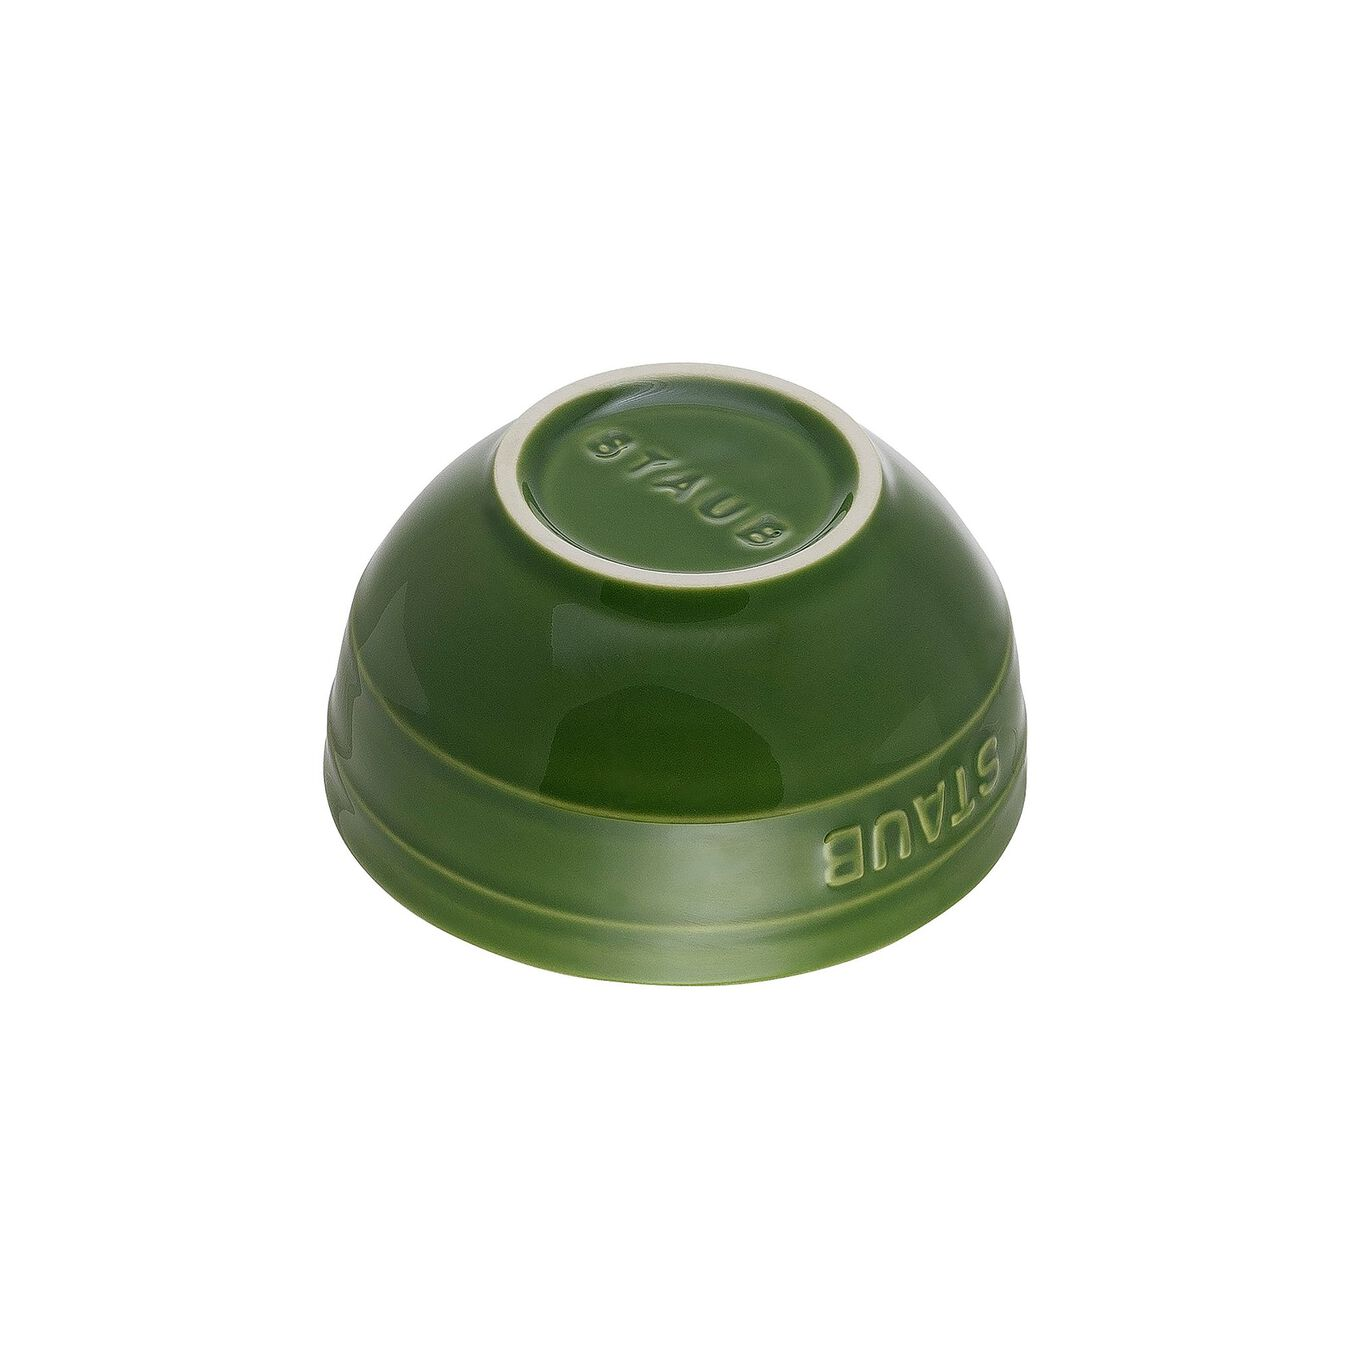 Bowl 12 cm, Cerâmica, verde basil,,large 2